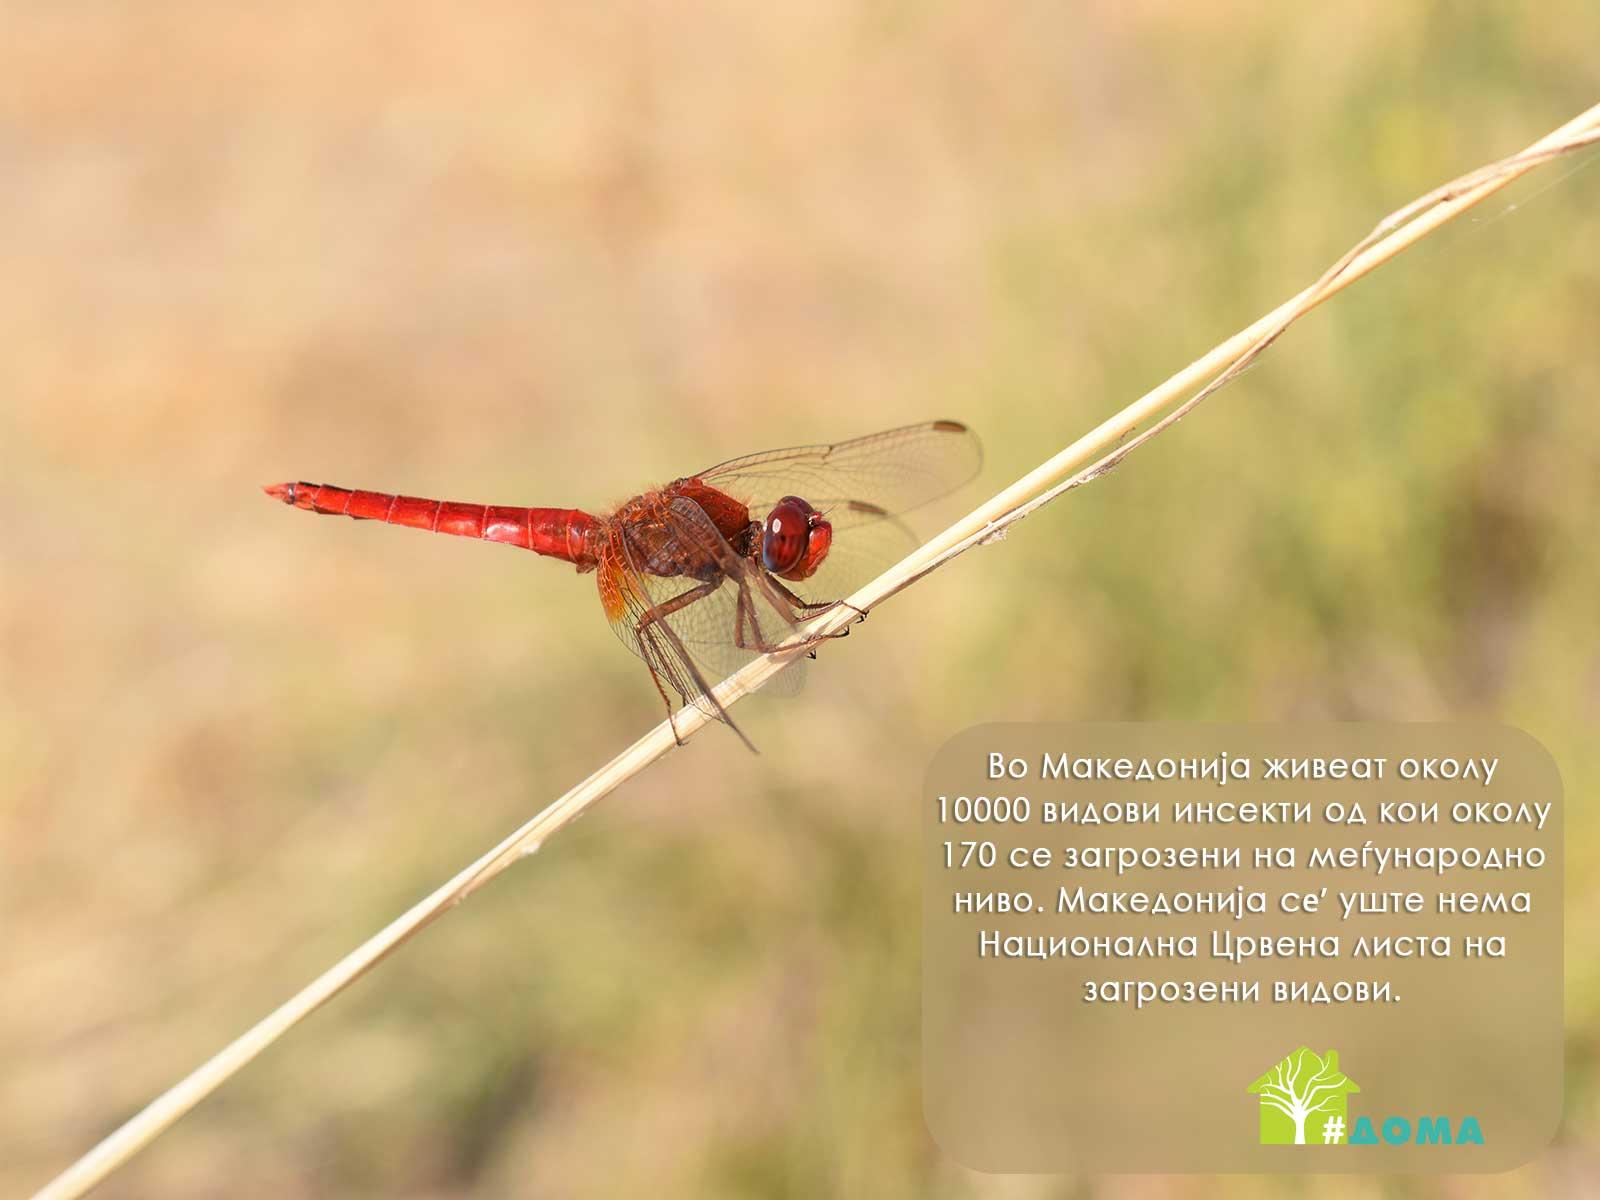 Vilinsko konjce Biodiverzitet na insekti